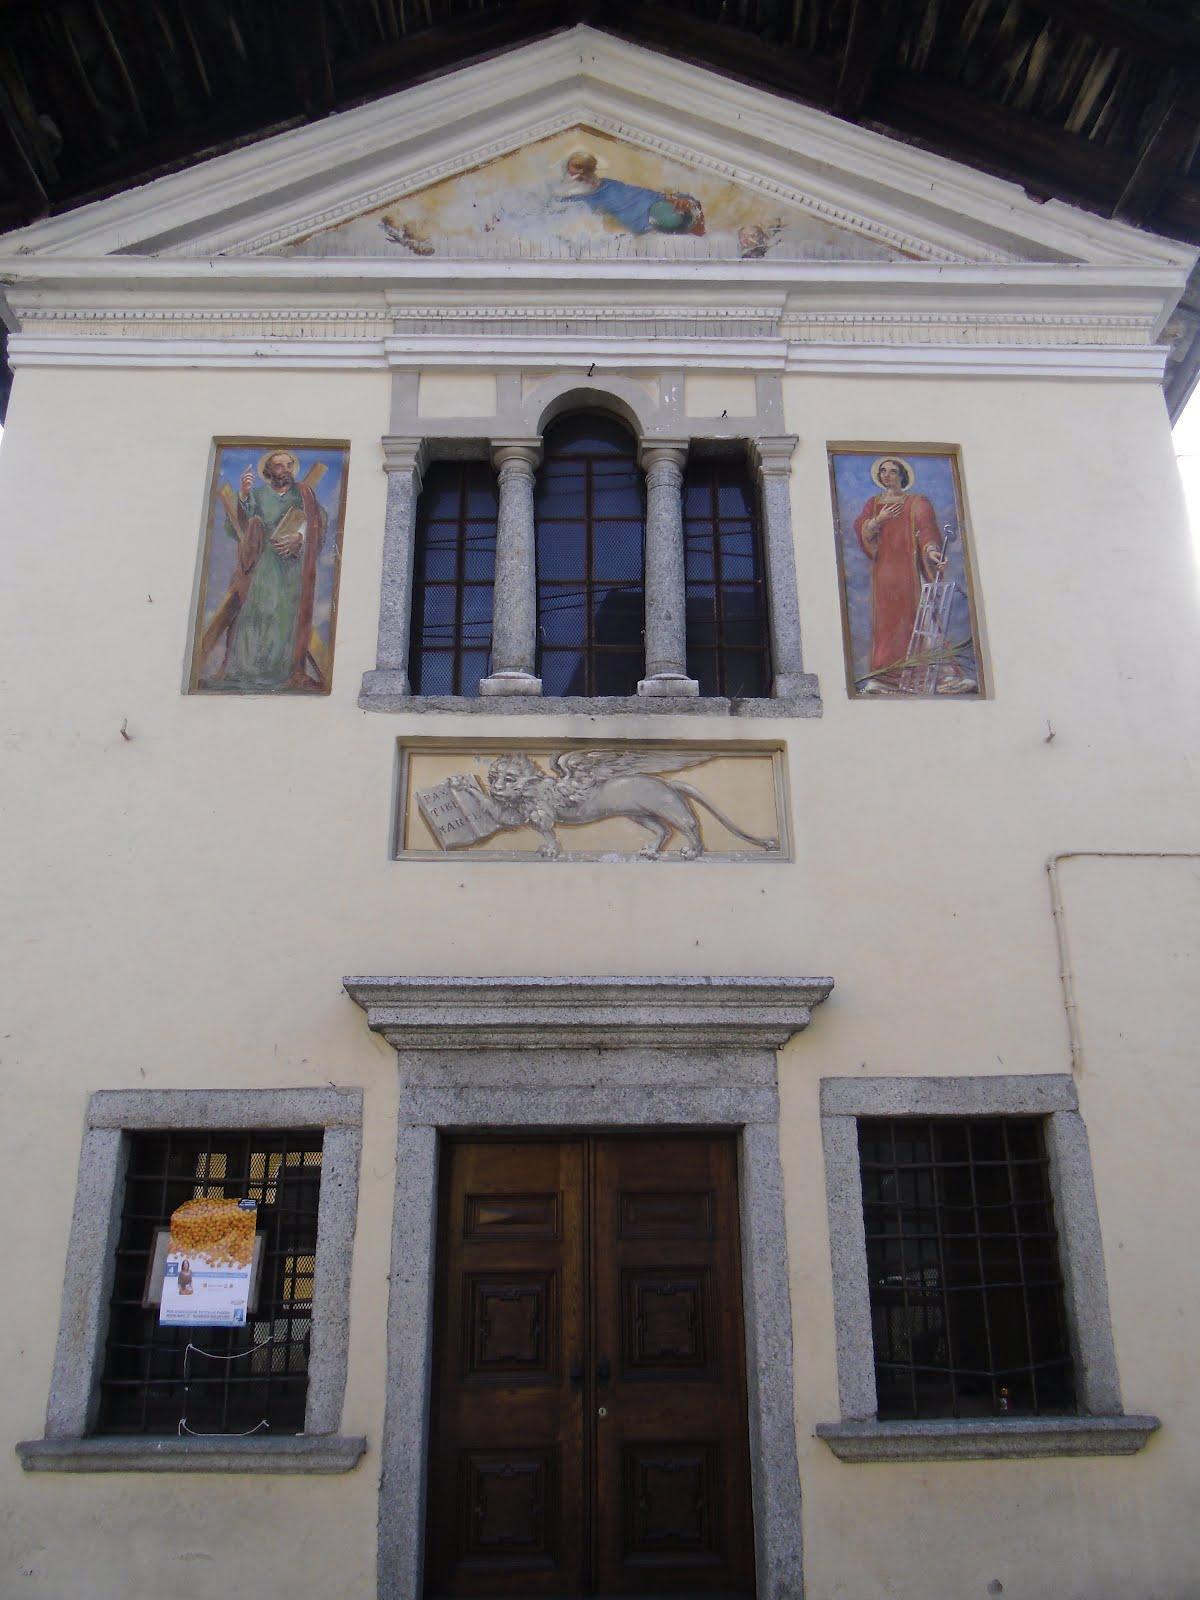 Tra teatro arte e cultura attivit all 39 aria aperta mergozzo for Finestra antica aperta